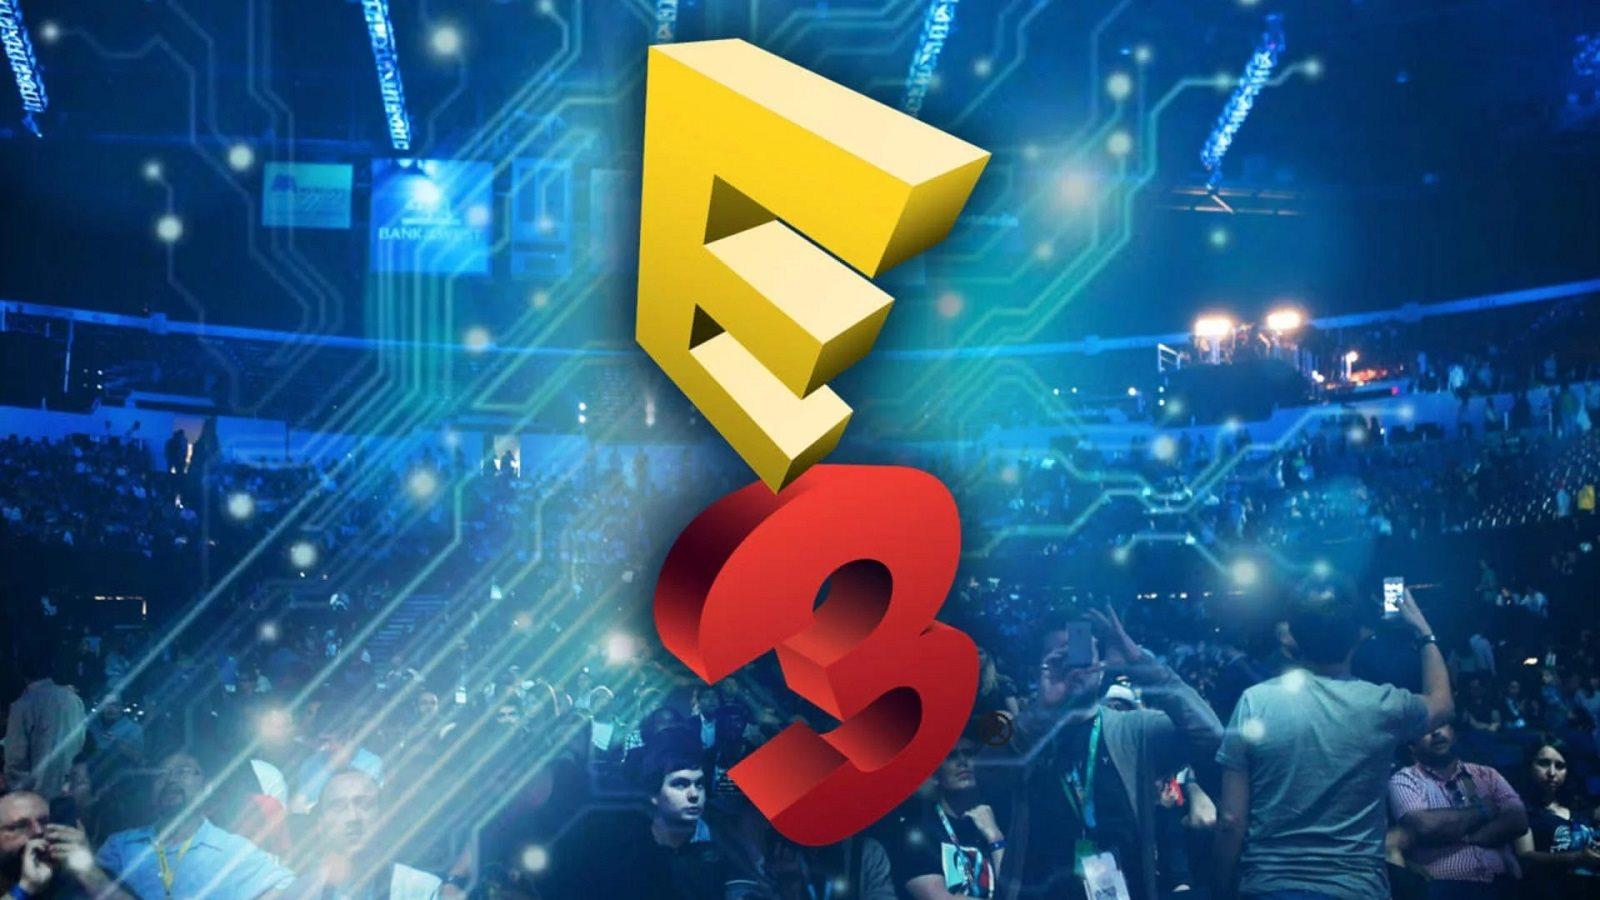 Následky zrušenia E3 2020: herné spoločnosti plánujú vlastné online konferencie (NOVINKA)